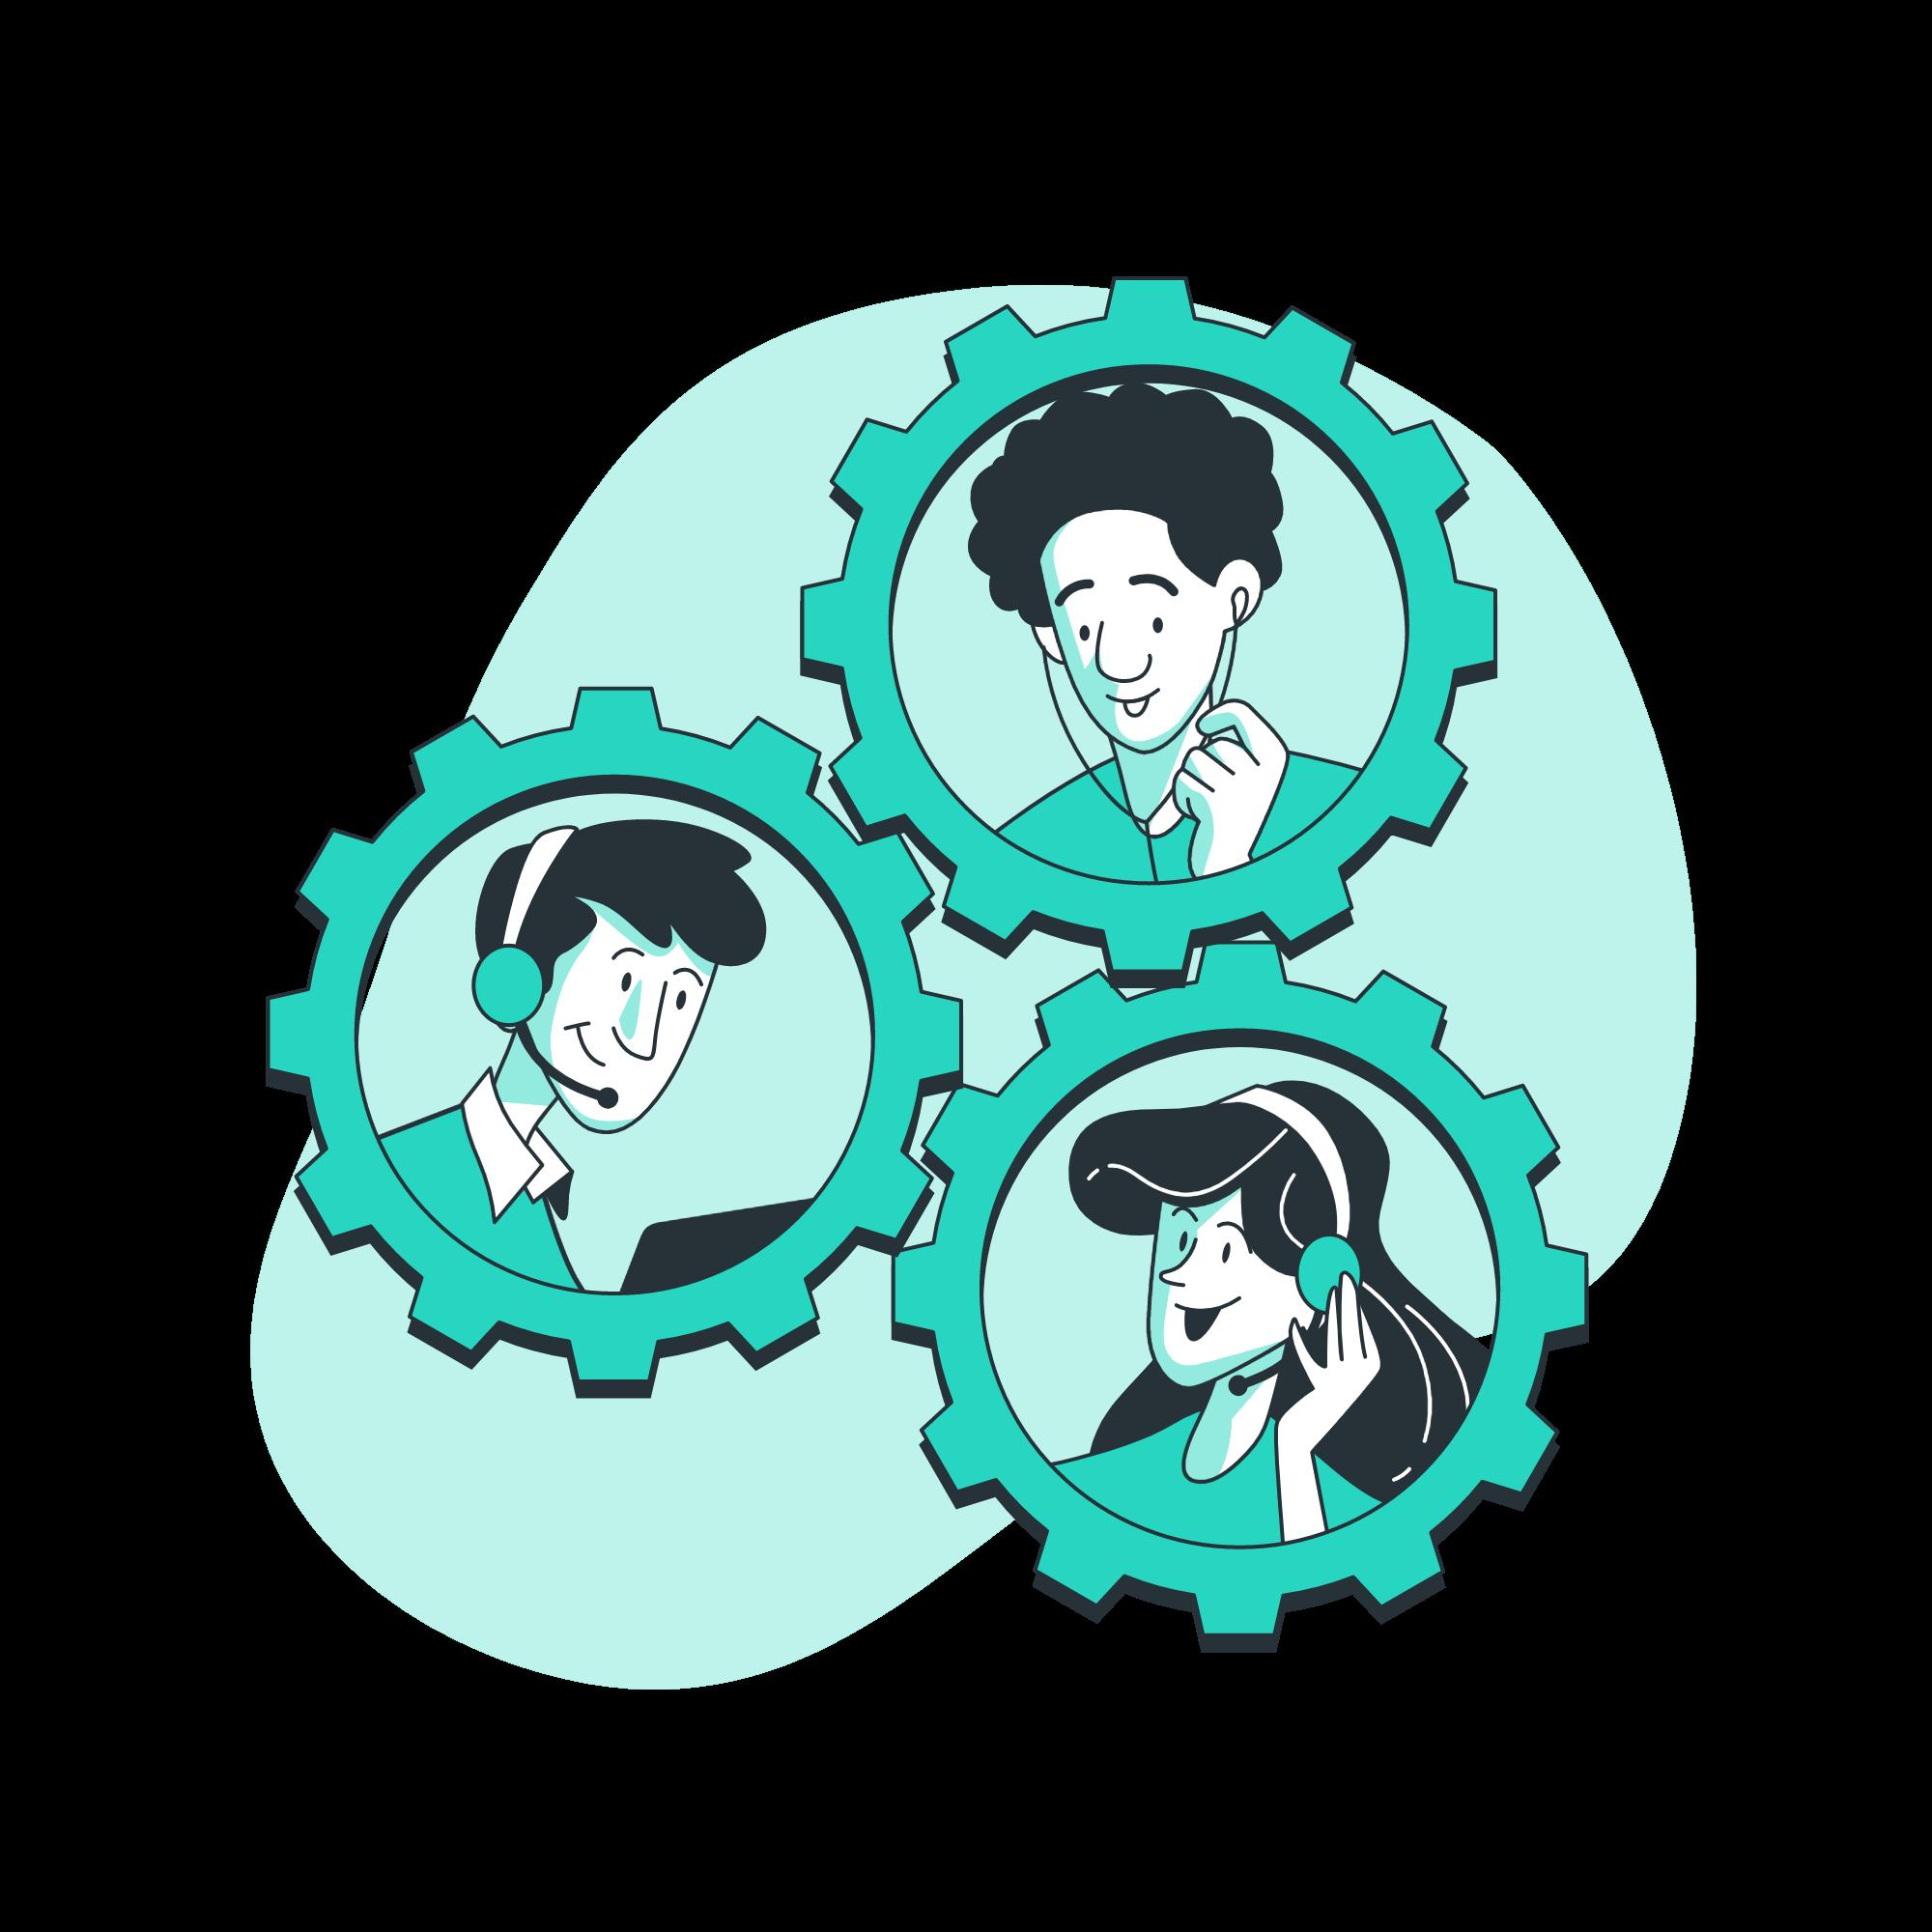 illustration of team members